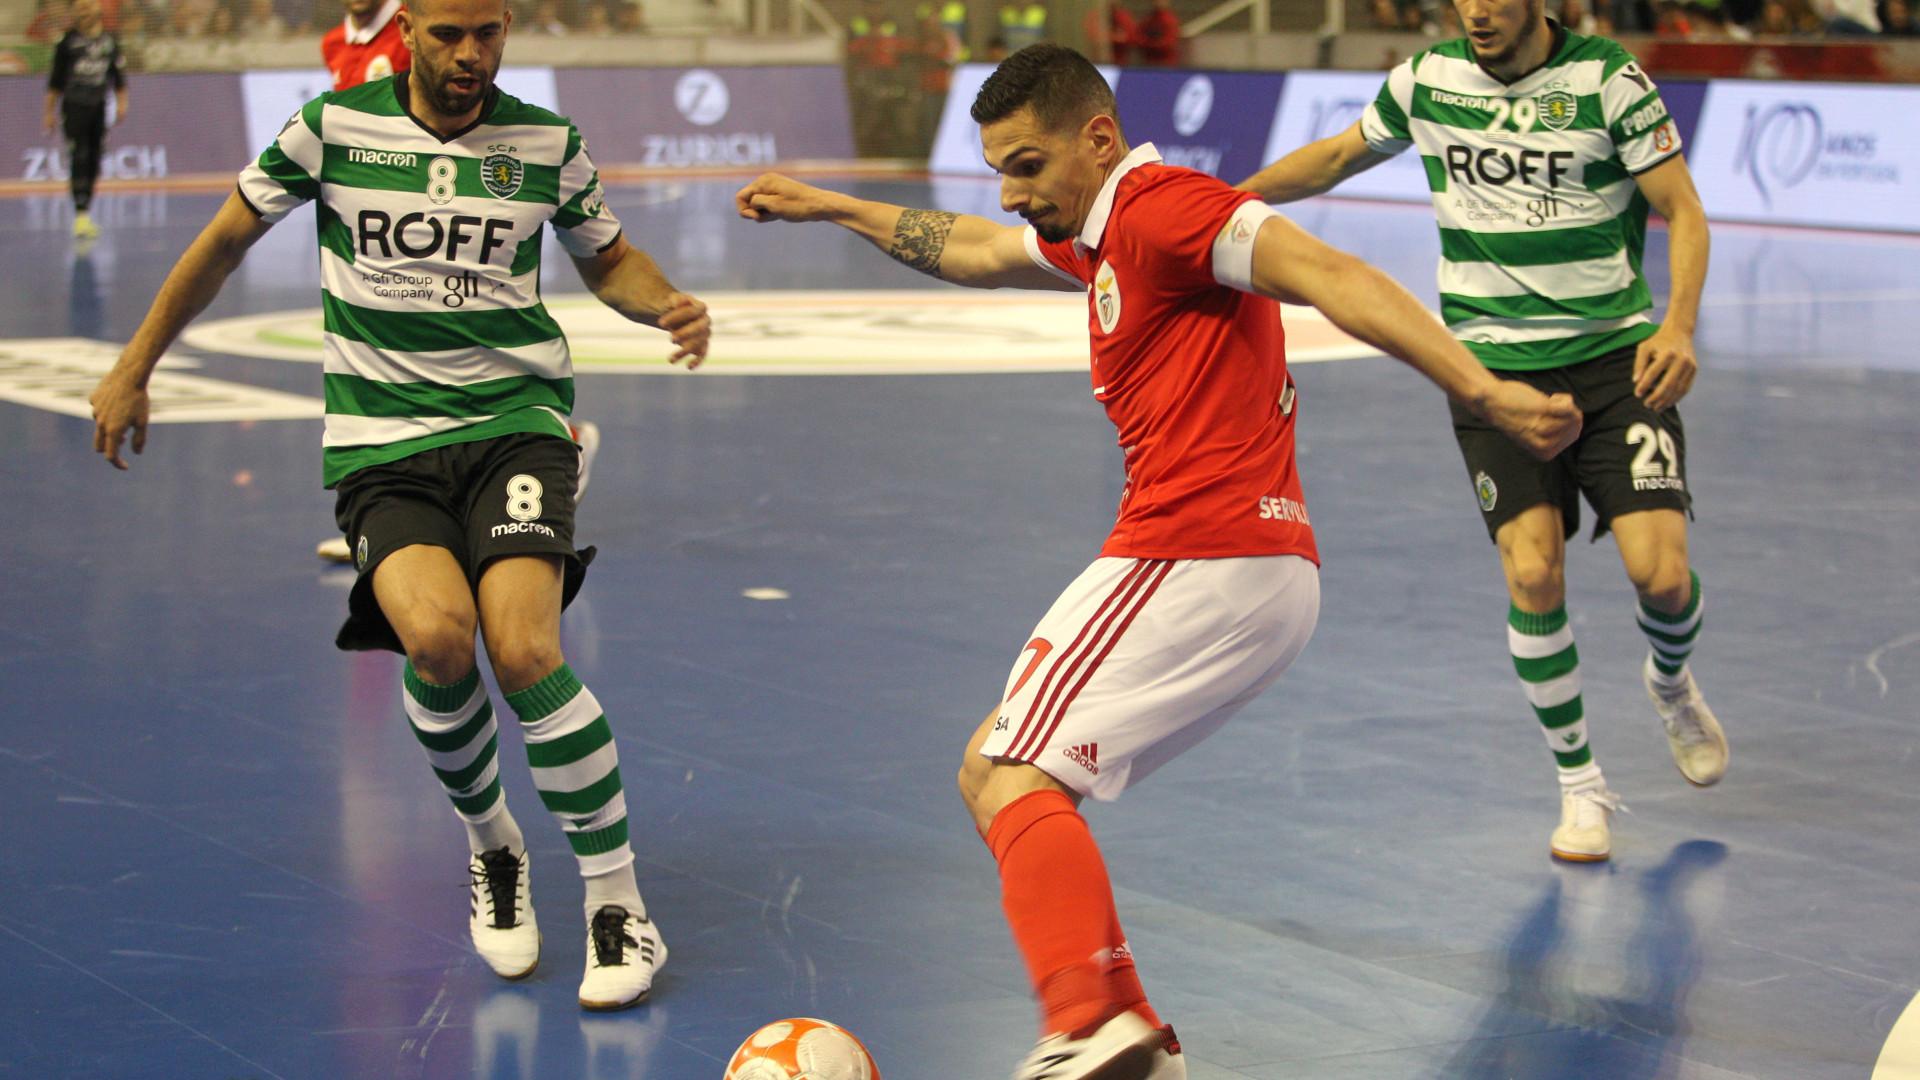 Duelo épico  Benfica assalta a casa do leão e está a um passo do título 9286e88857a80